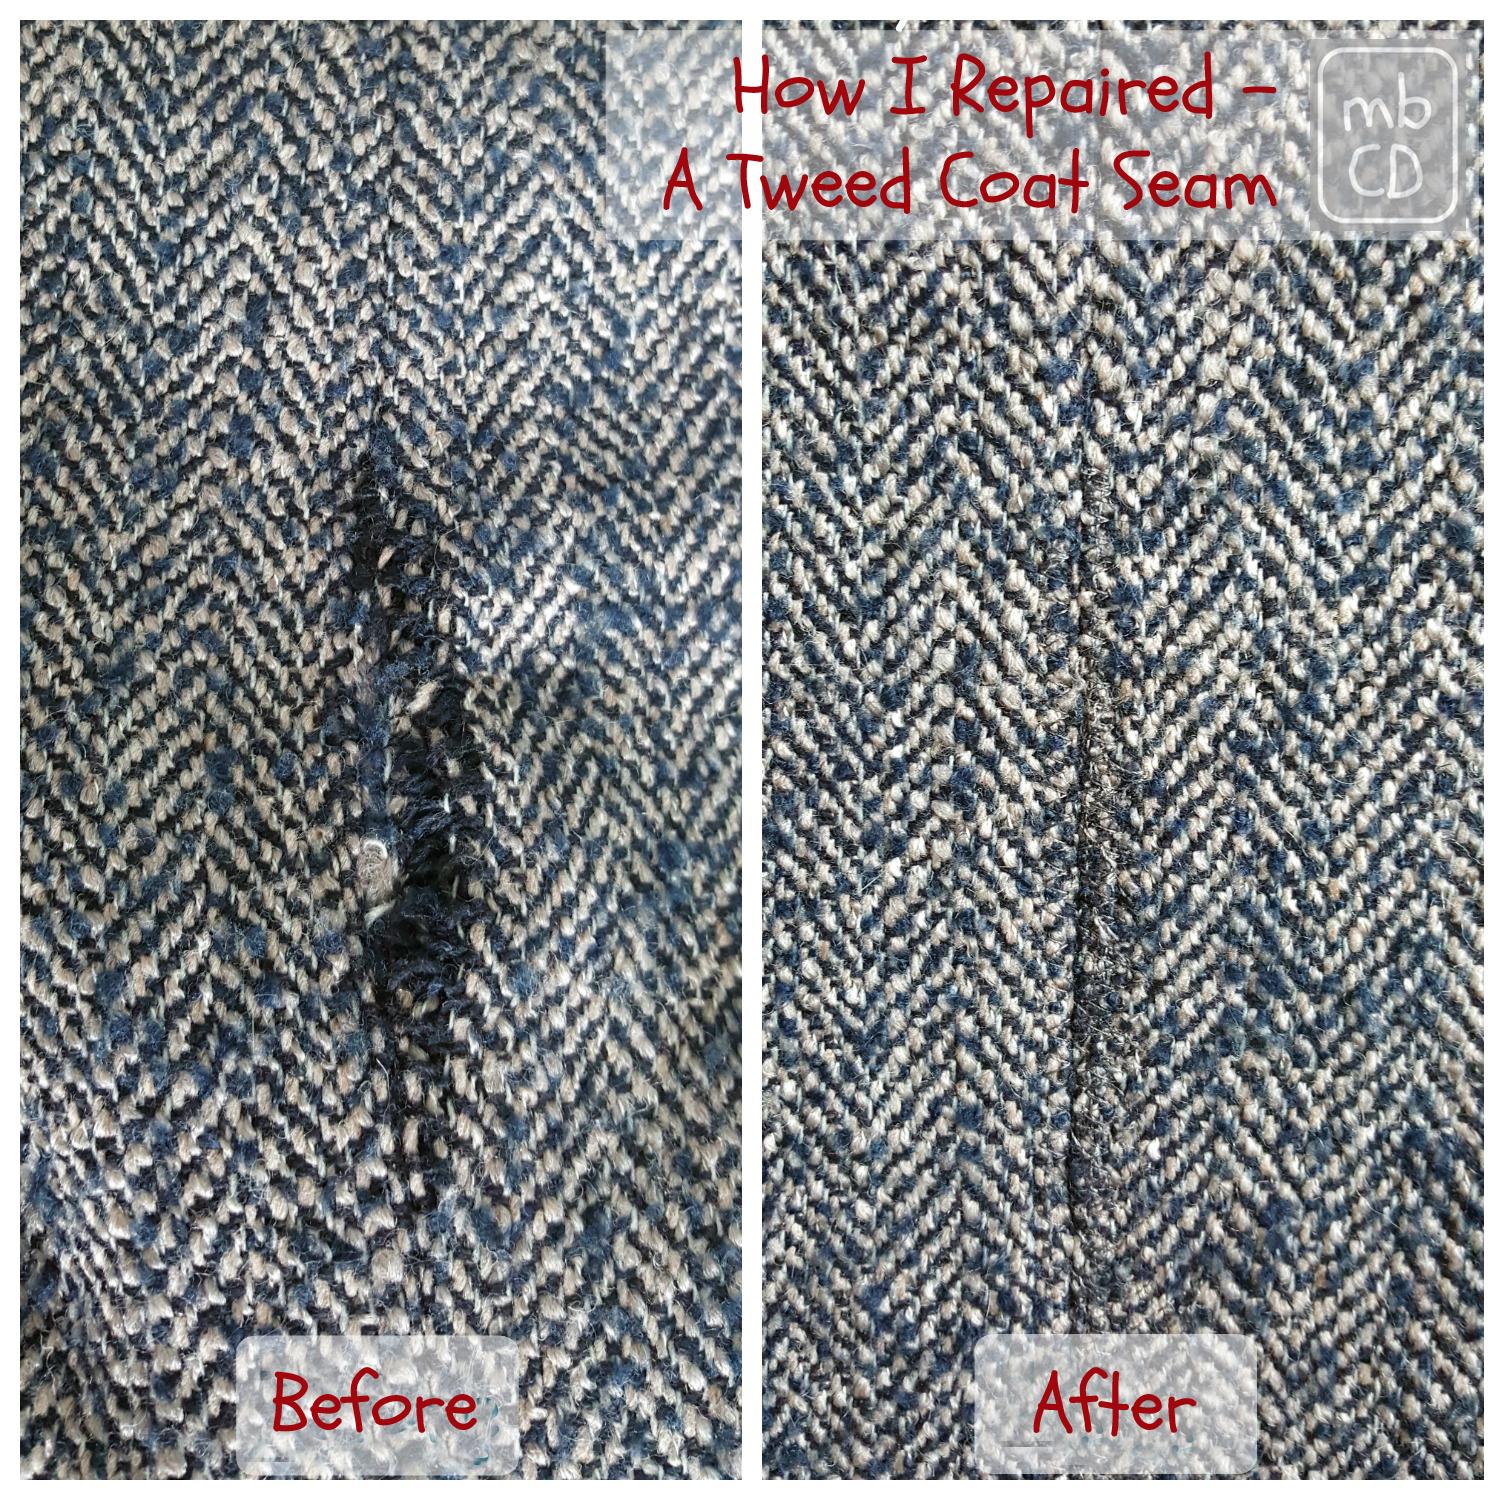 03d11a1f513b1 Chris Dodsley @mbCD: How I Repaired - A Tweed Coat Seam